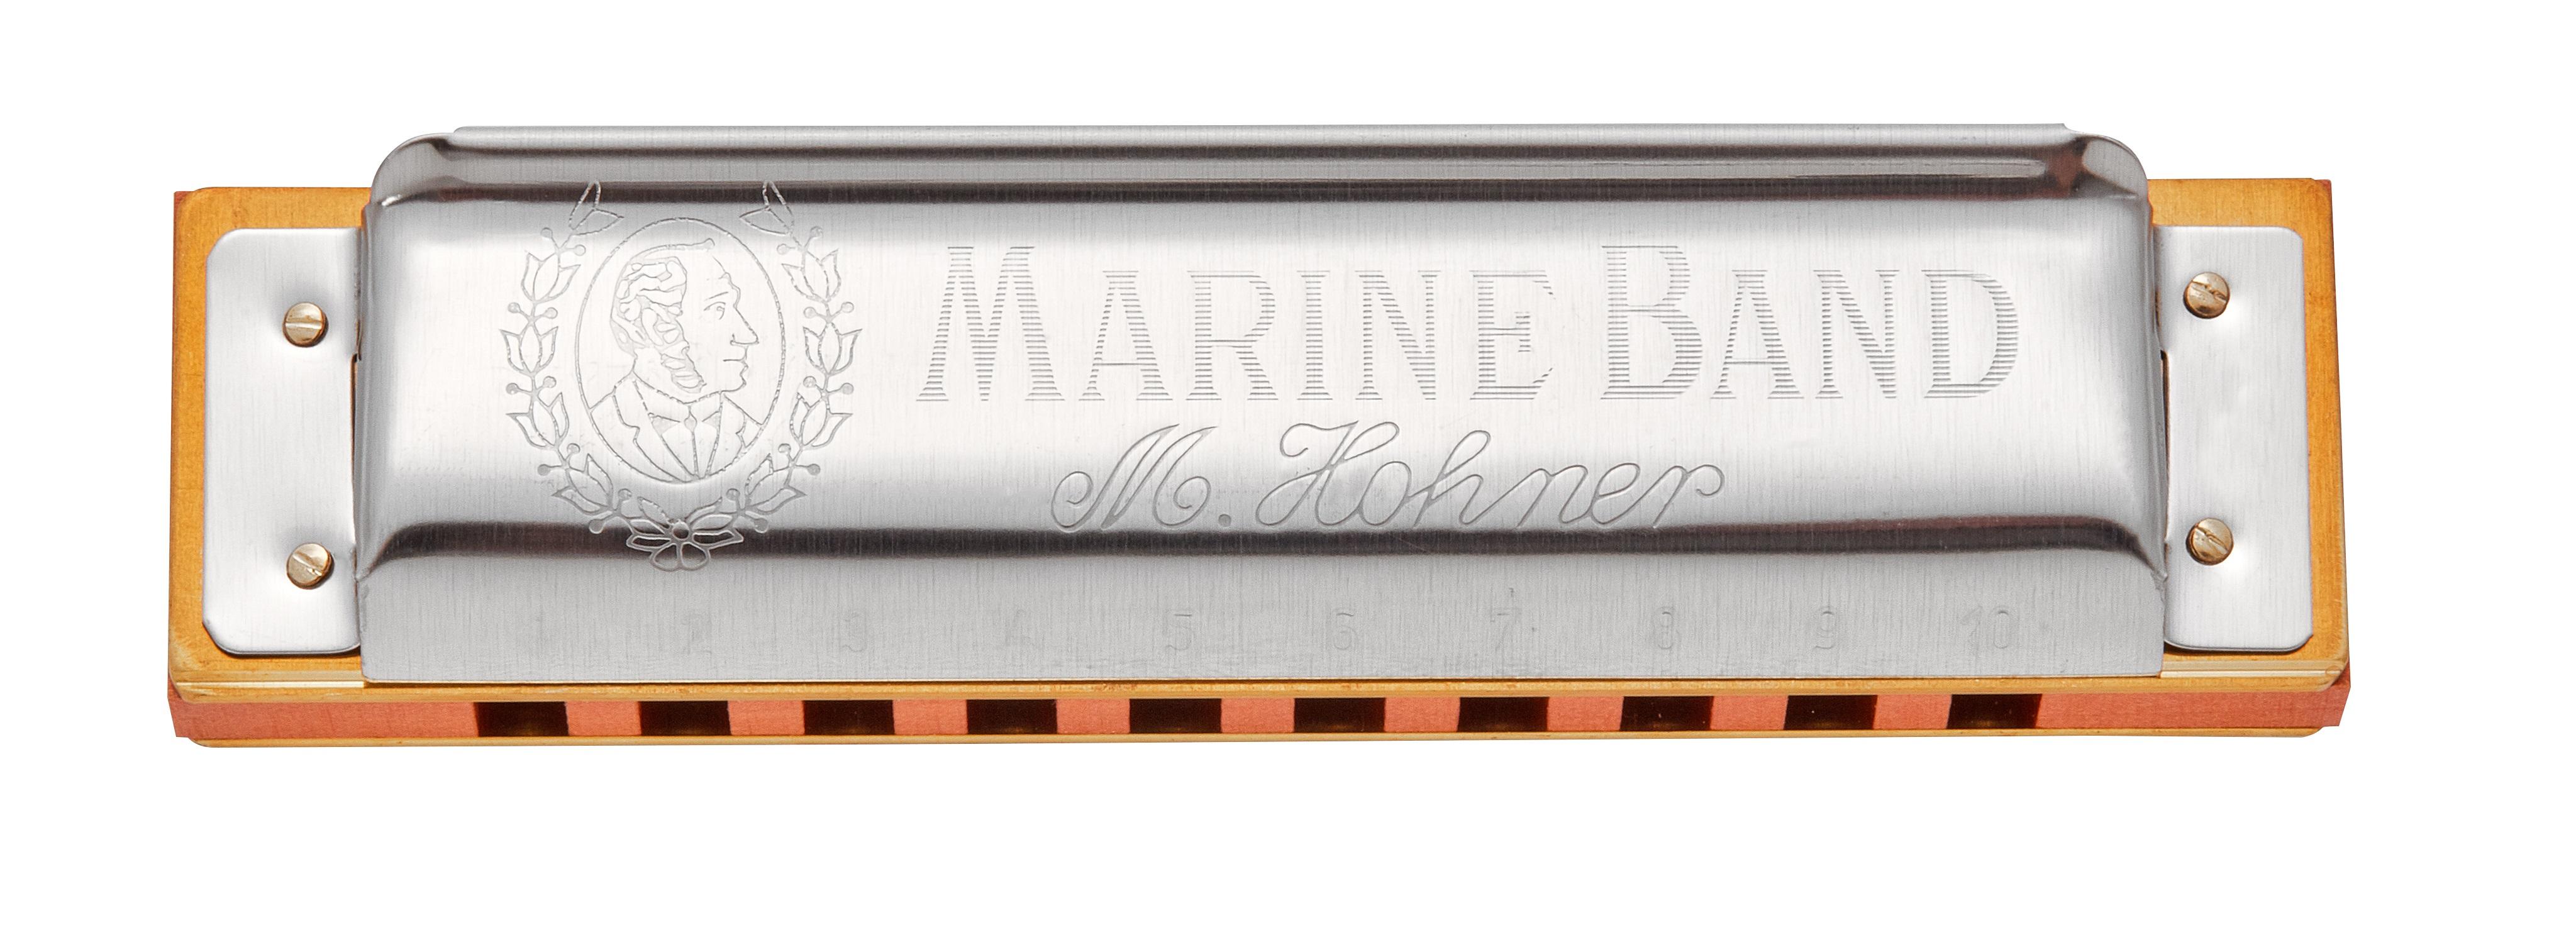 Hohner Marine Band 1896 E-harmonic minor